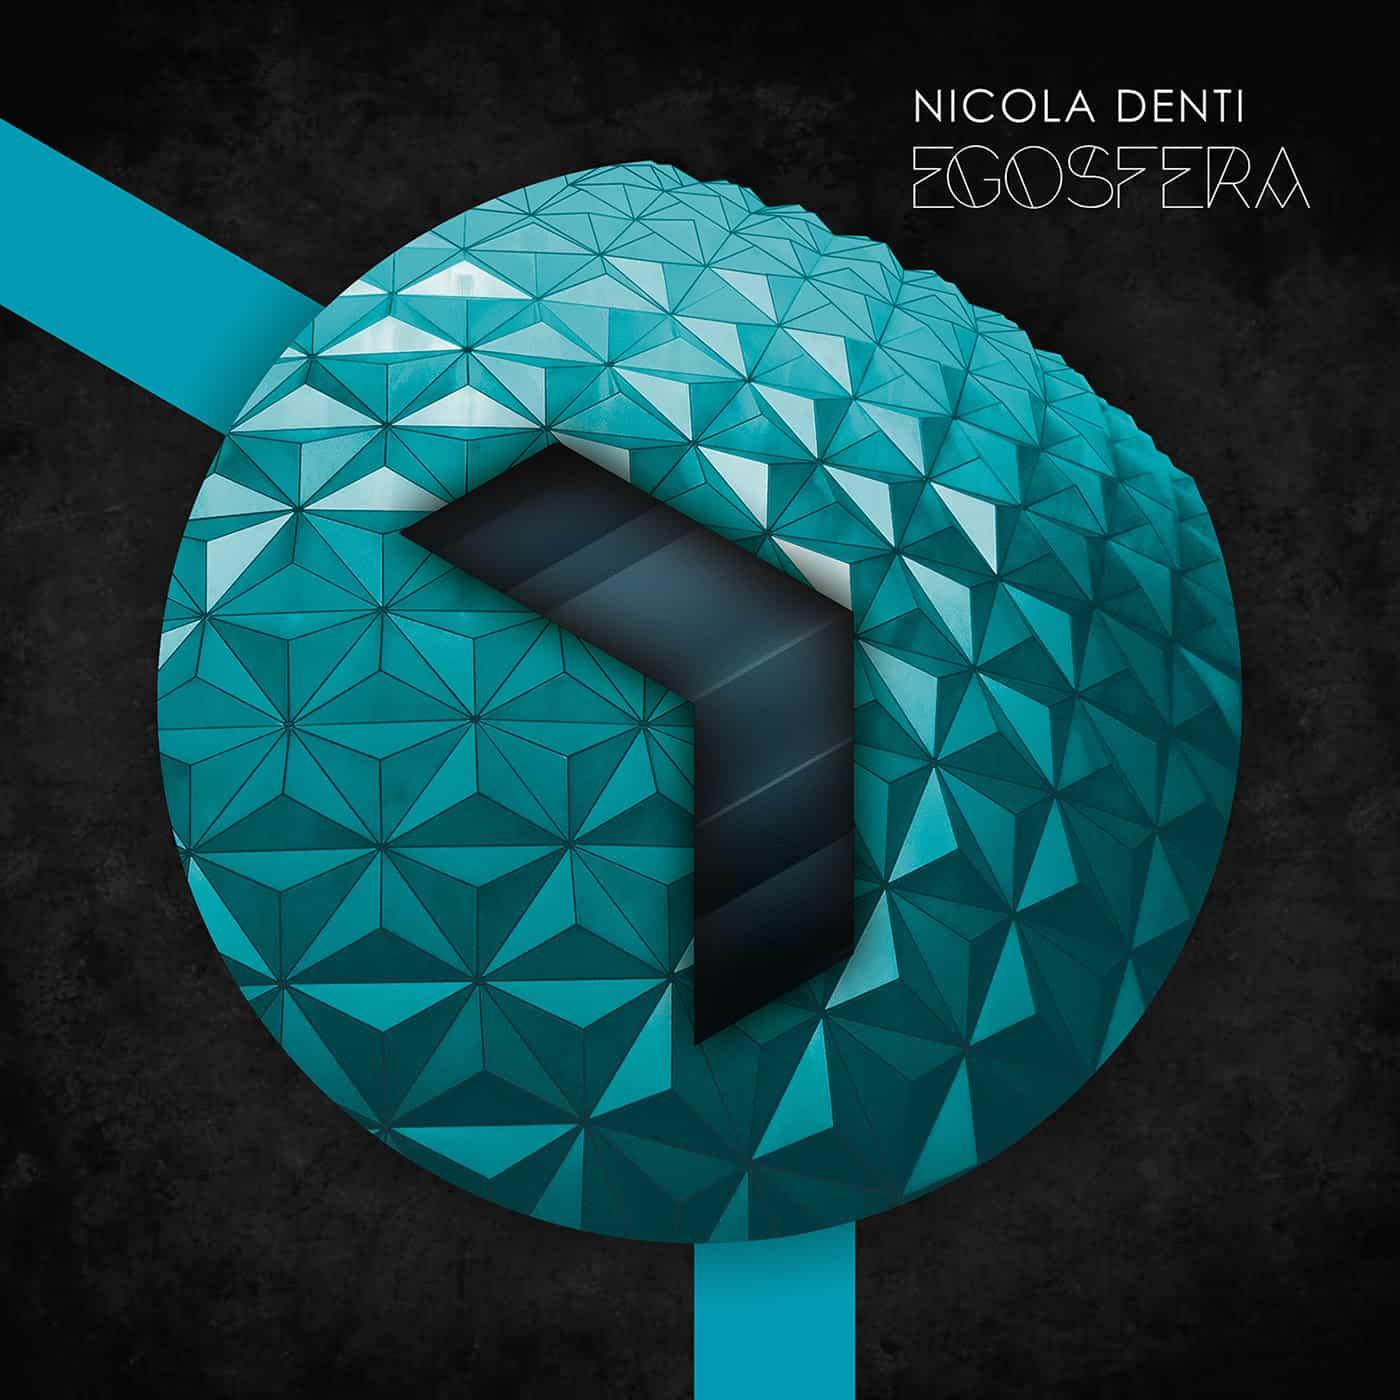 Nicola Denti, il nuovo album Egosfera